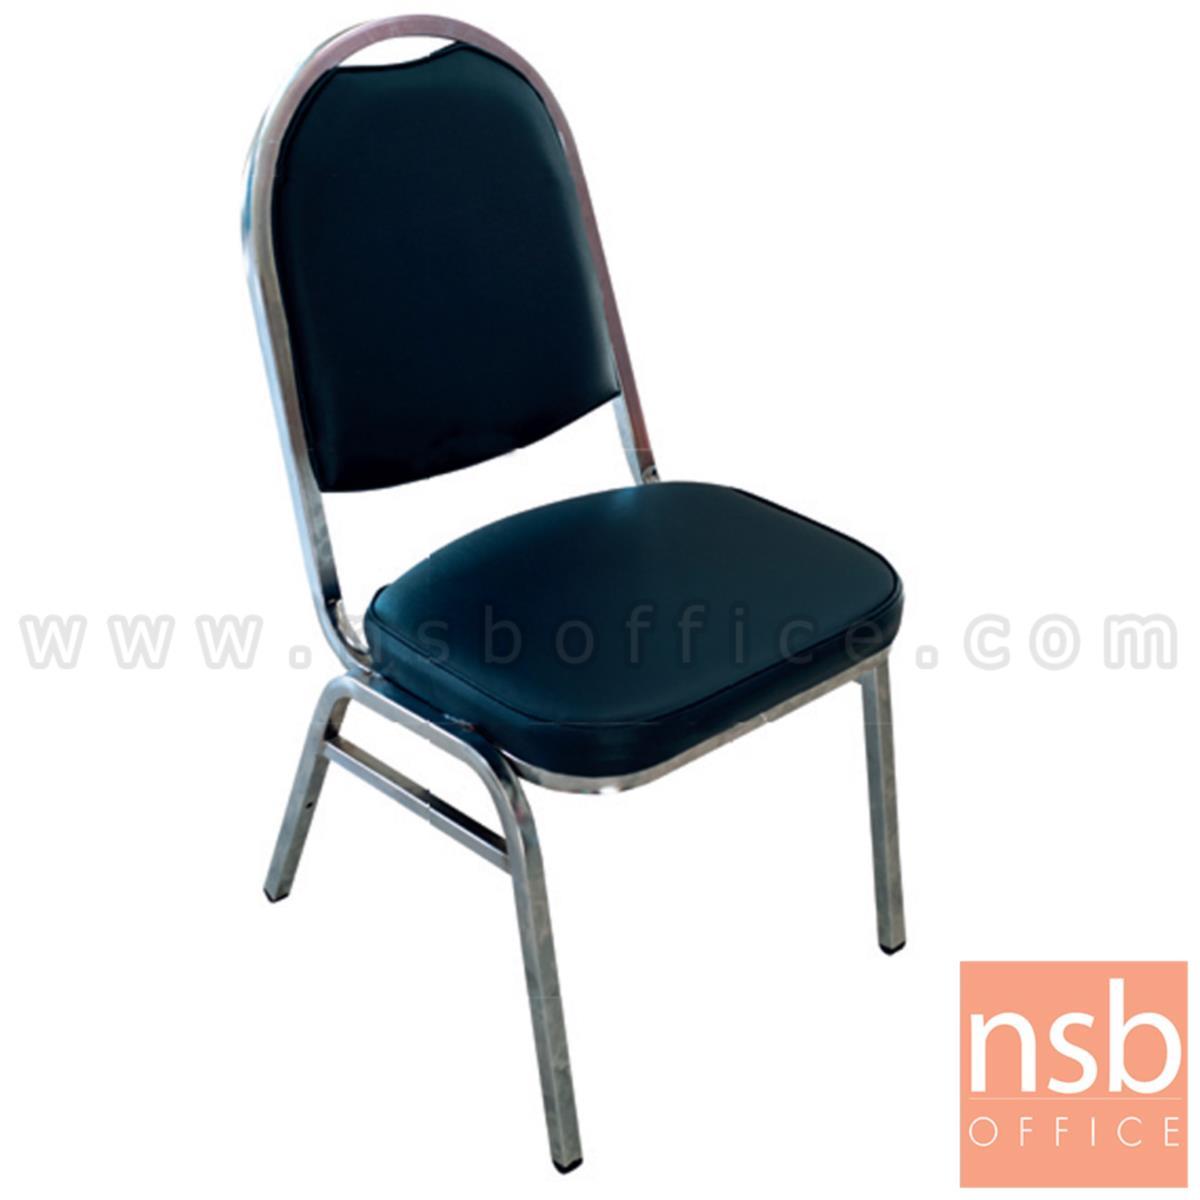 B08A086:เก้าอี้อเนกประสงค์จัดเลี้ยง  รุ่น Vardah (วาร์ด้า) ขนาด 90H cm. ขาเหล็ก